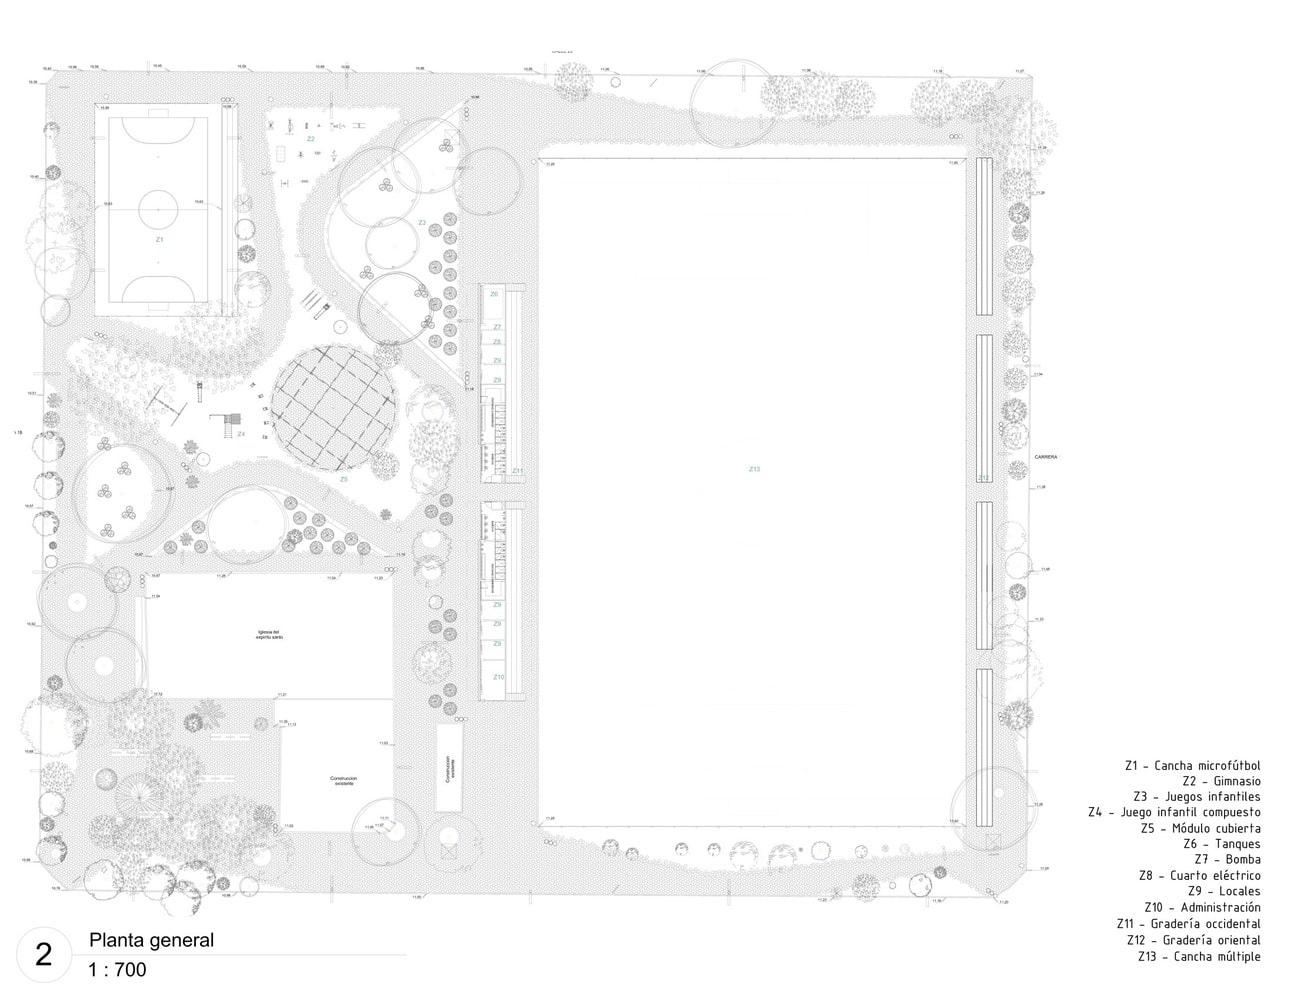 طراحی پلان پارک چند منظوره3